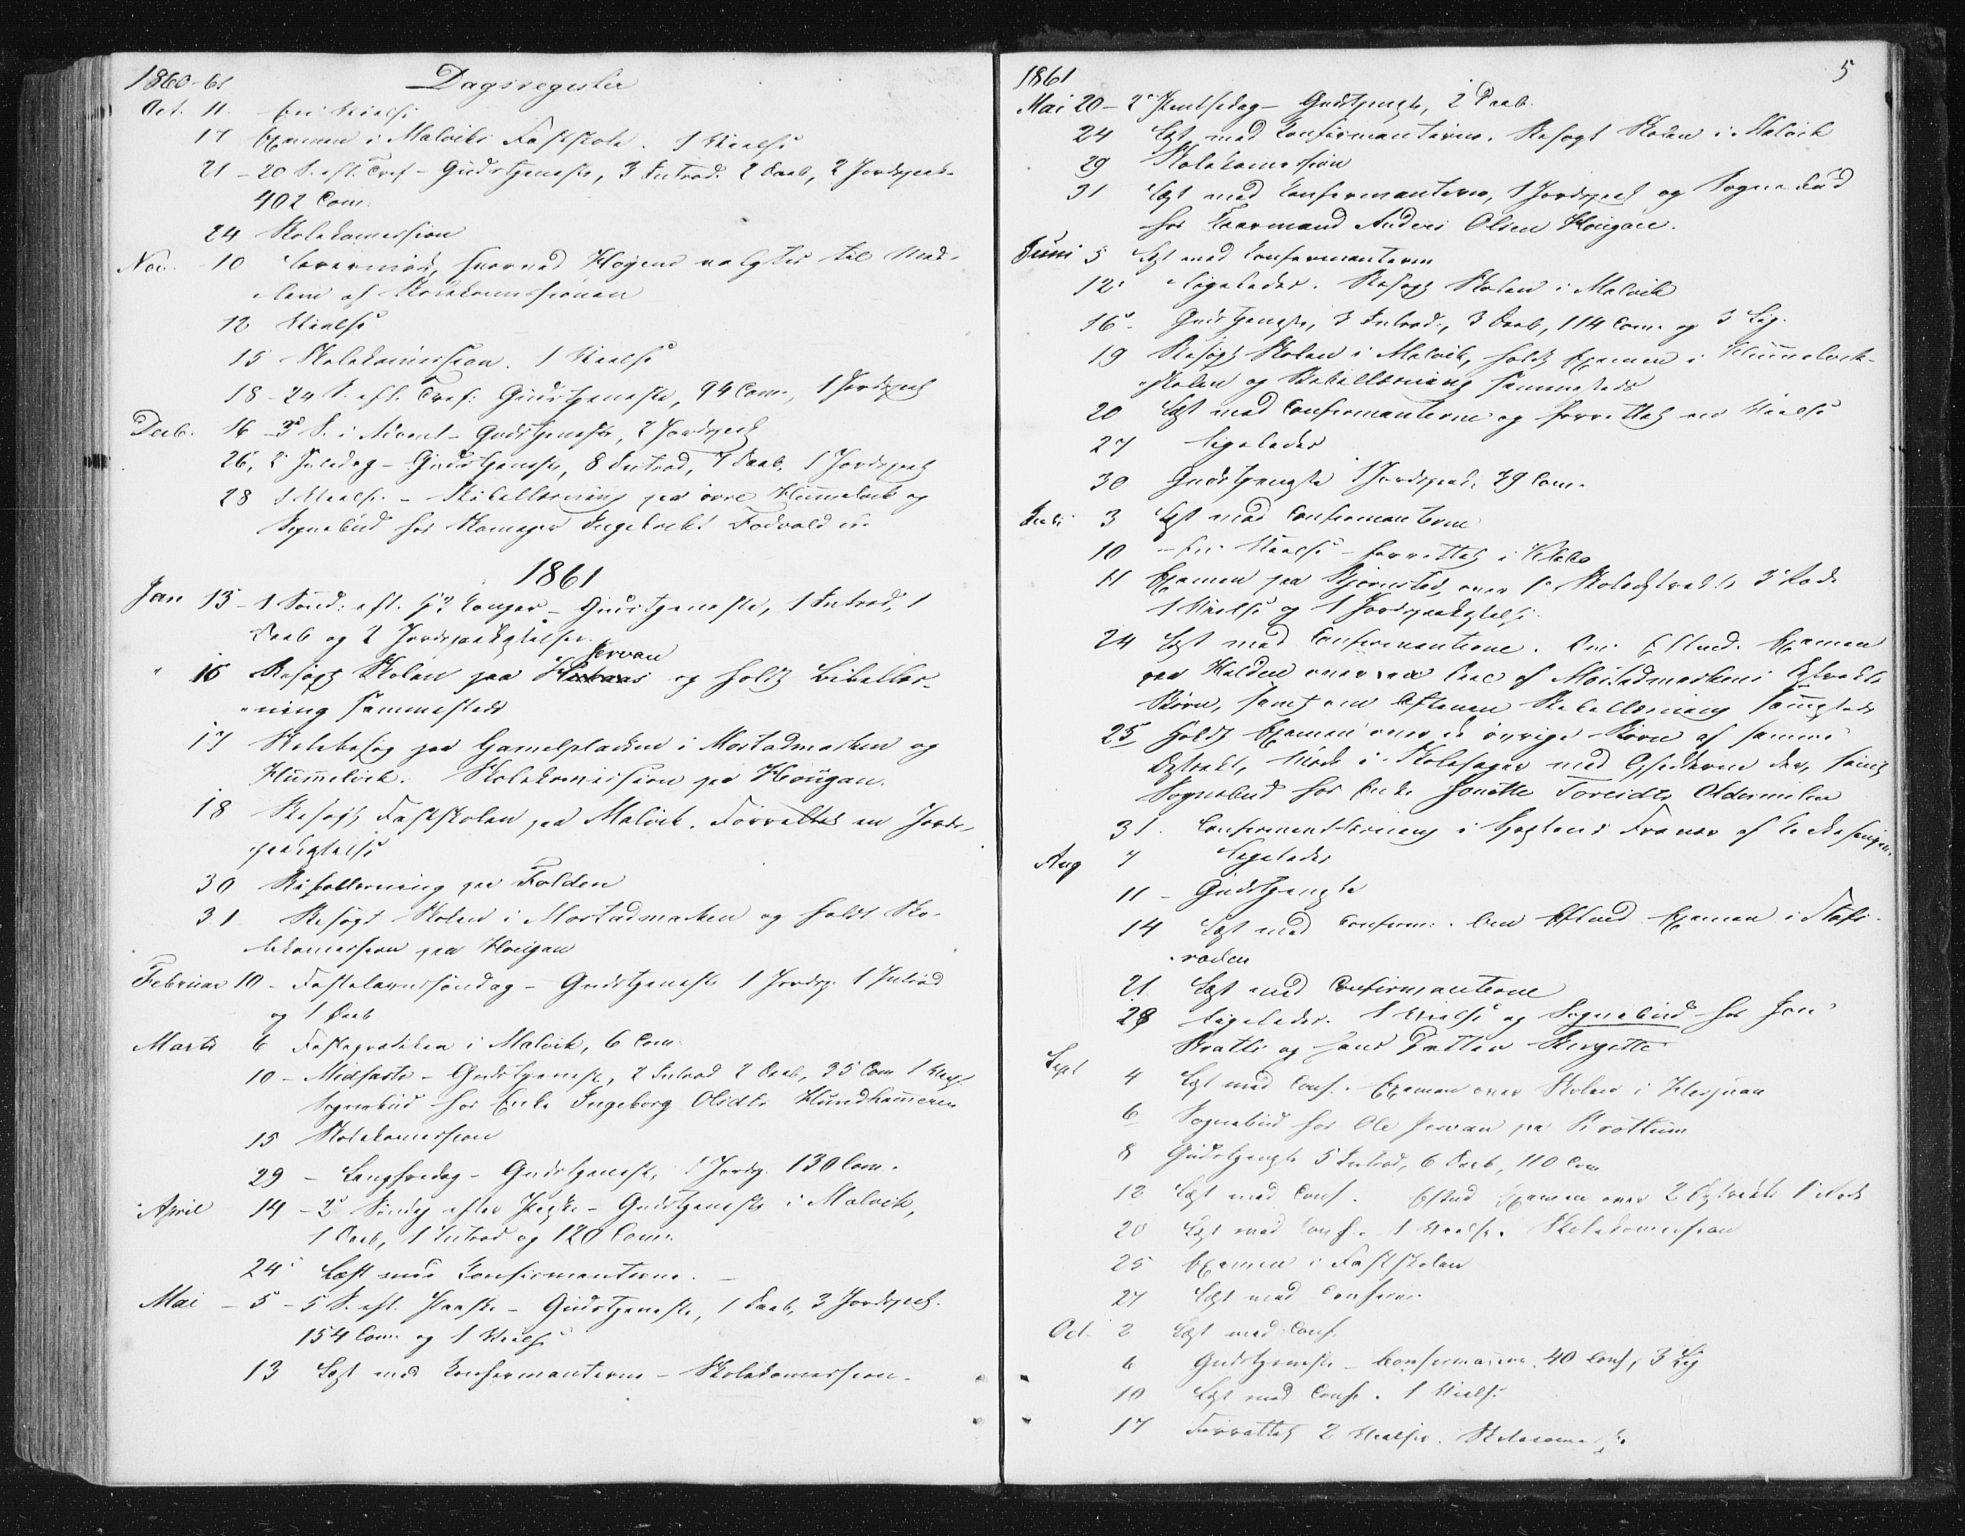 SAT, Ministerialprotokoller, klokkerbøker og fødselsregistre - Sør-Trøndelag, 616/L0408: Ministerialbok nr. 616A05, 1857-1865, s. 5